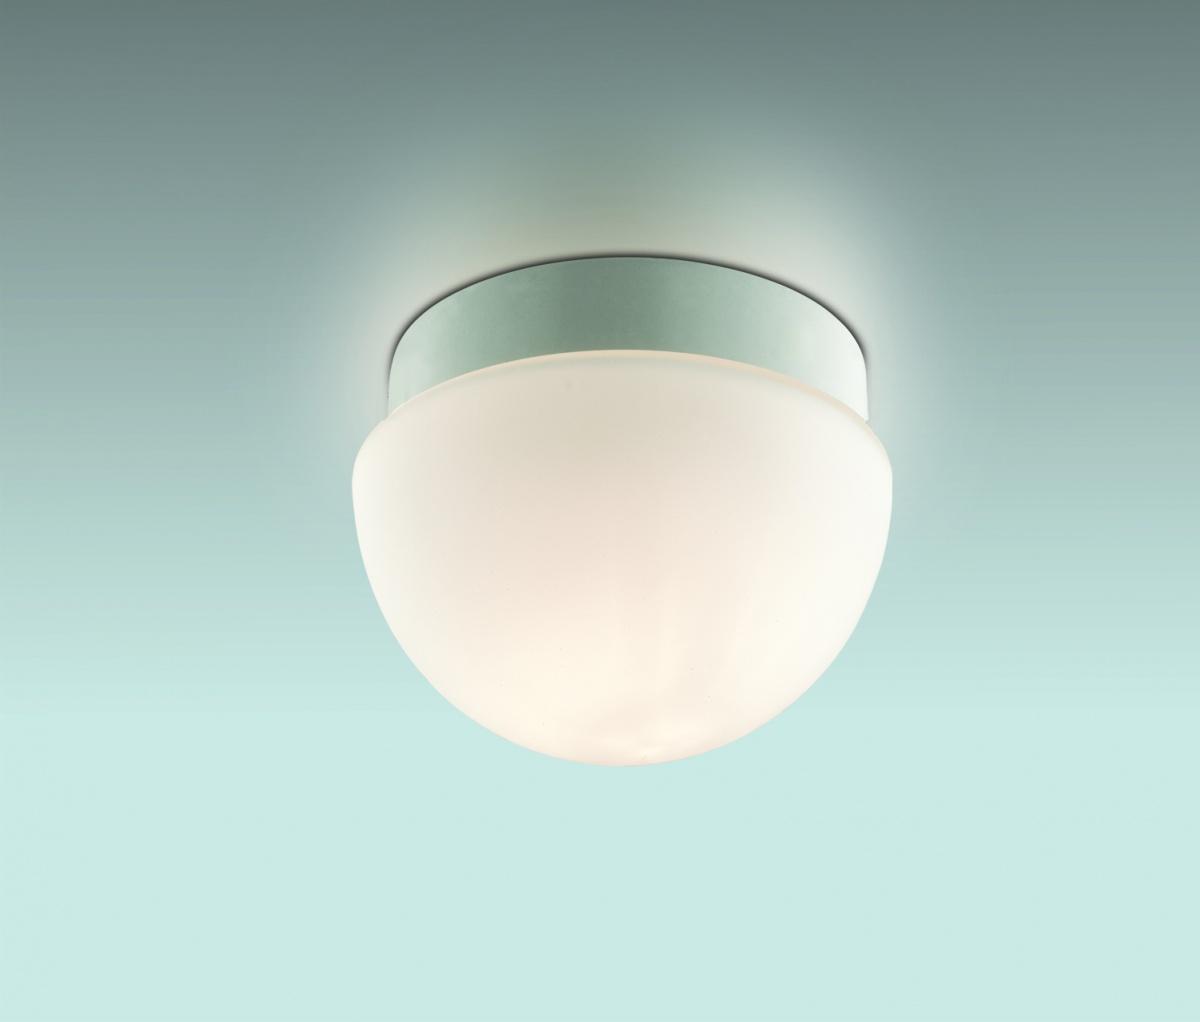 Odeon Light 2443/1B Потолочный светильник MINKAR 1х40W G9 IP44 хром